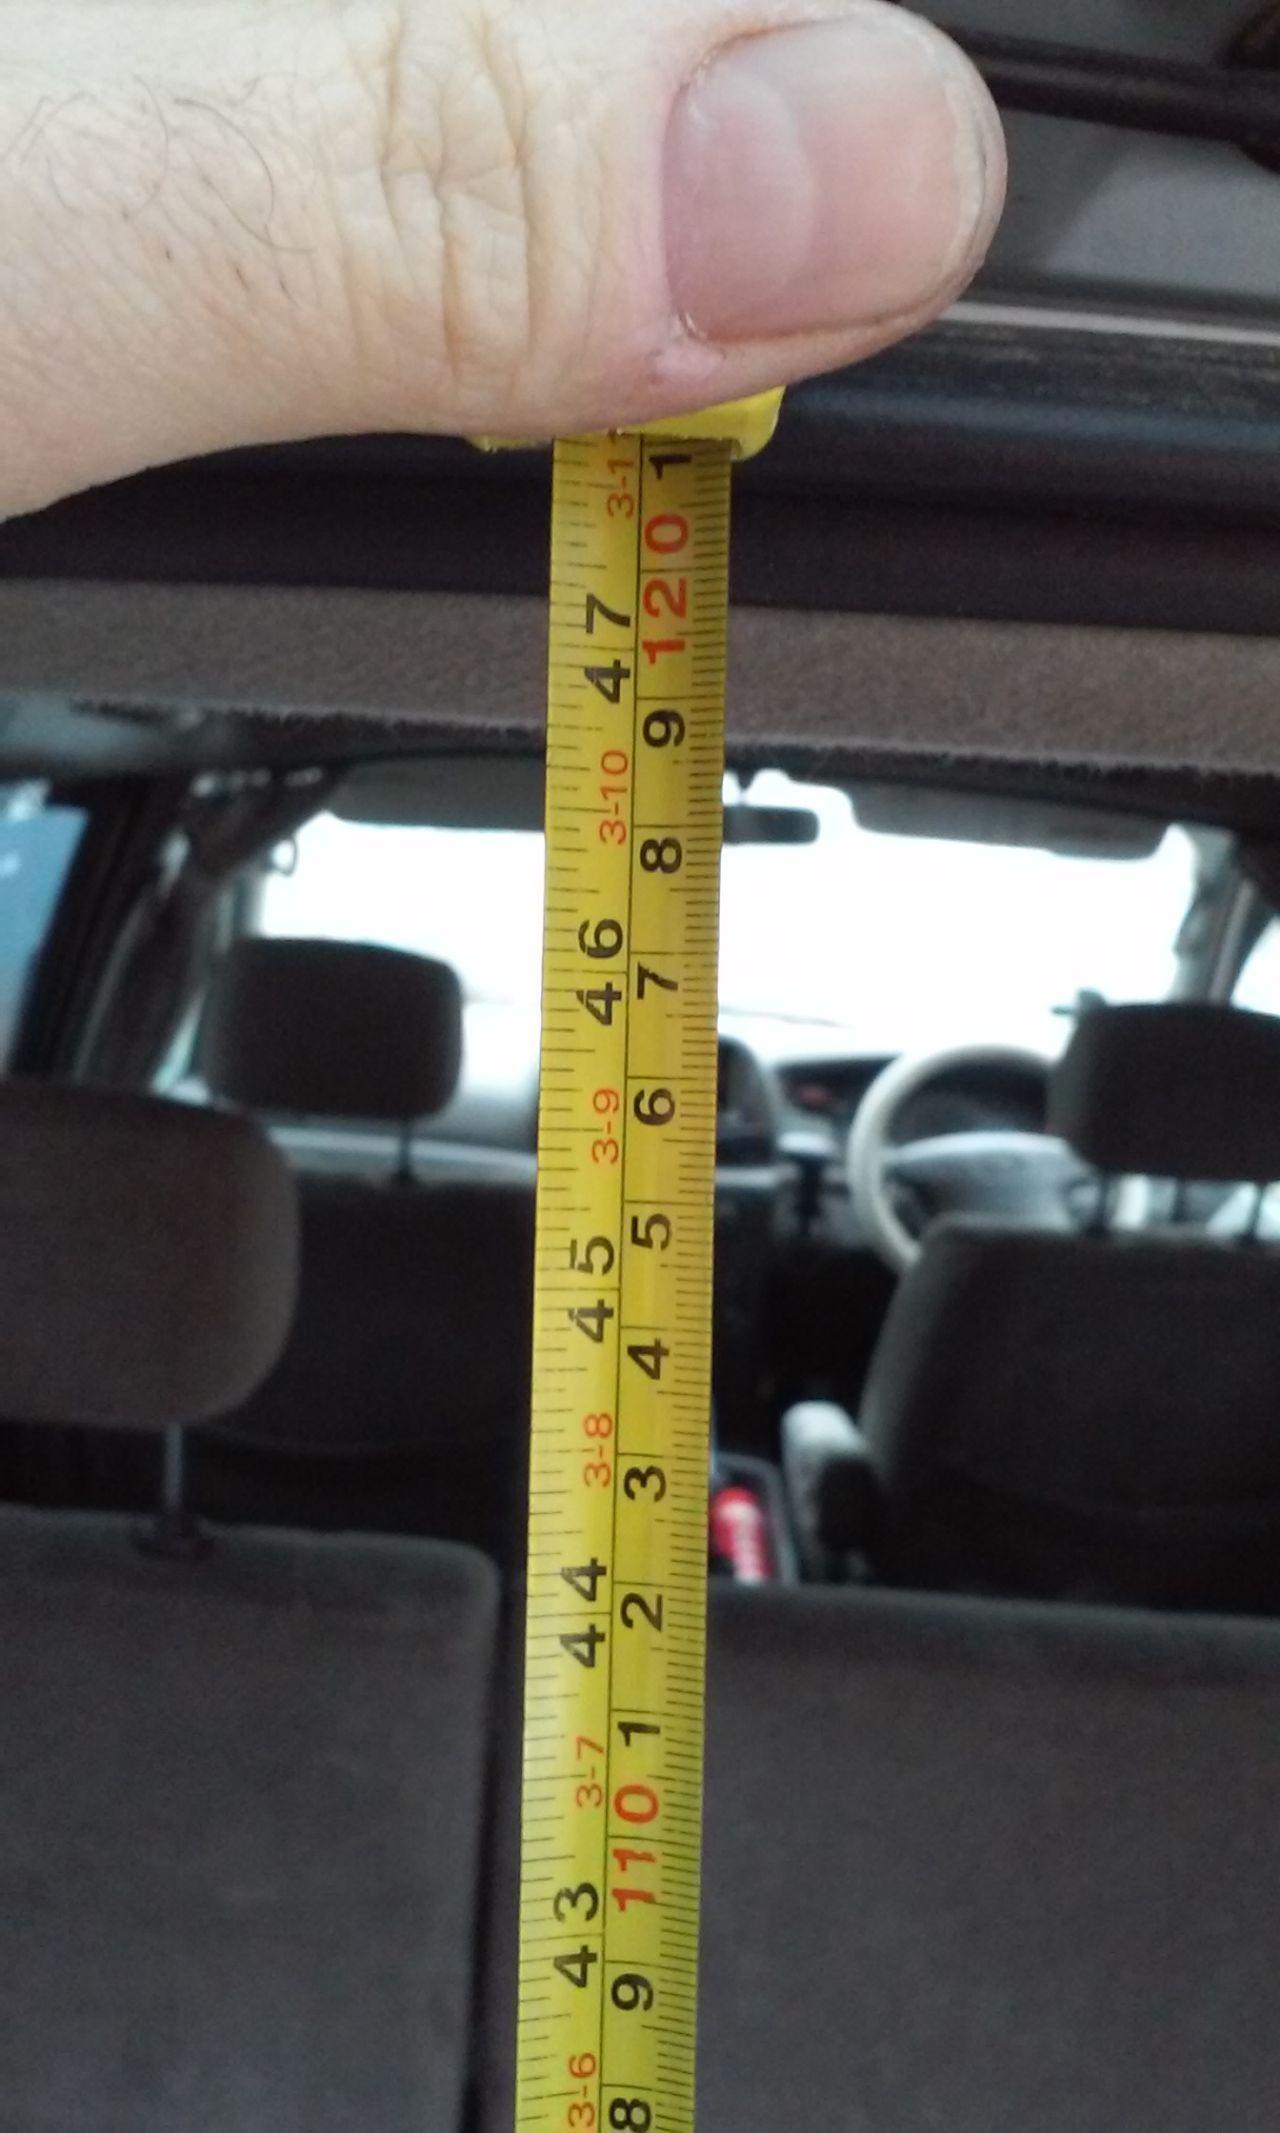 Высота багажника. Расстояние от пола до потолка.